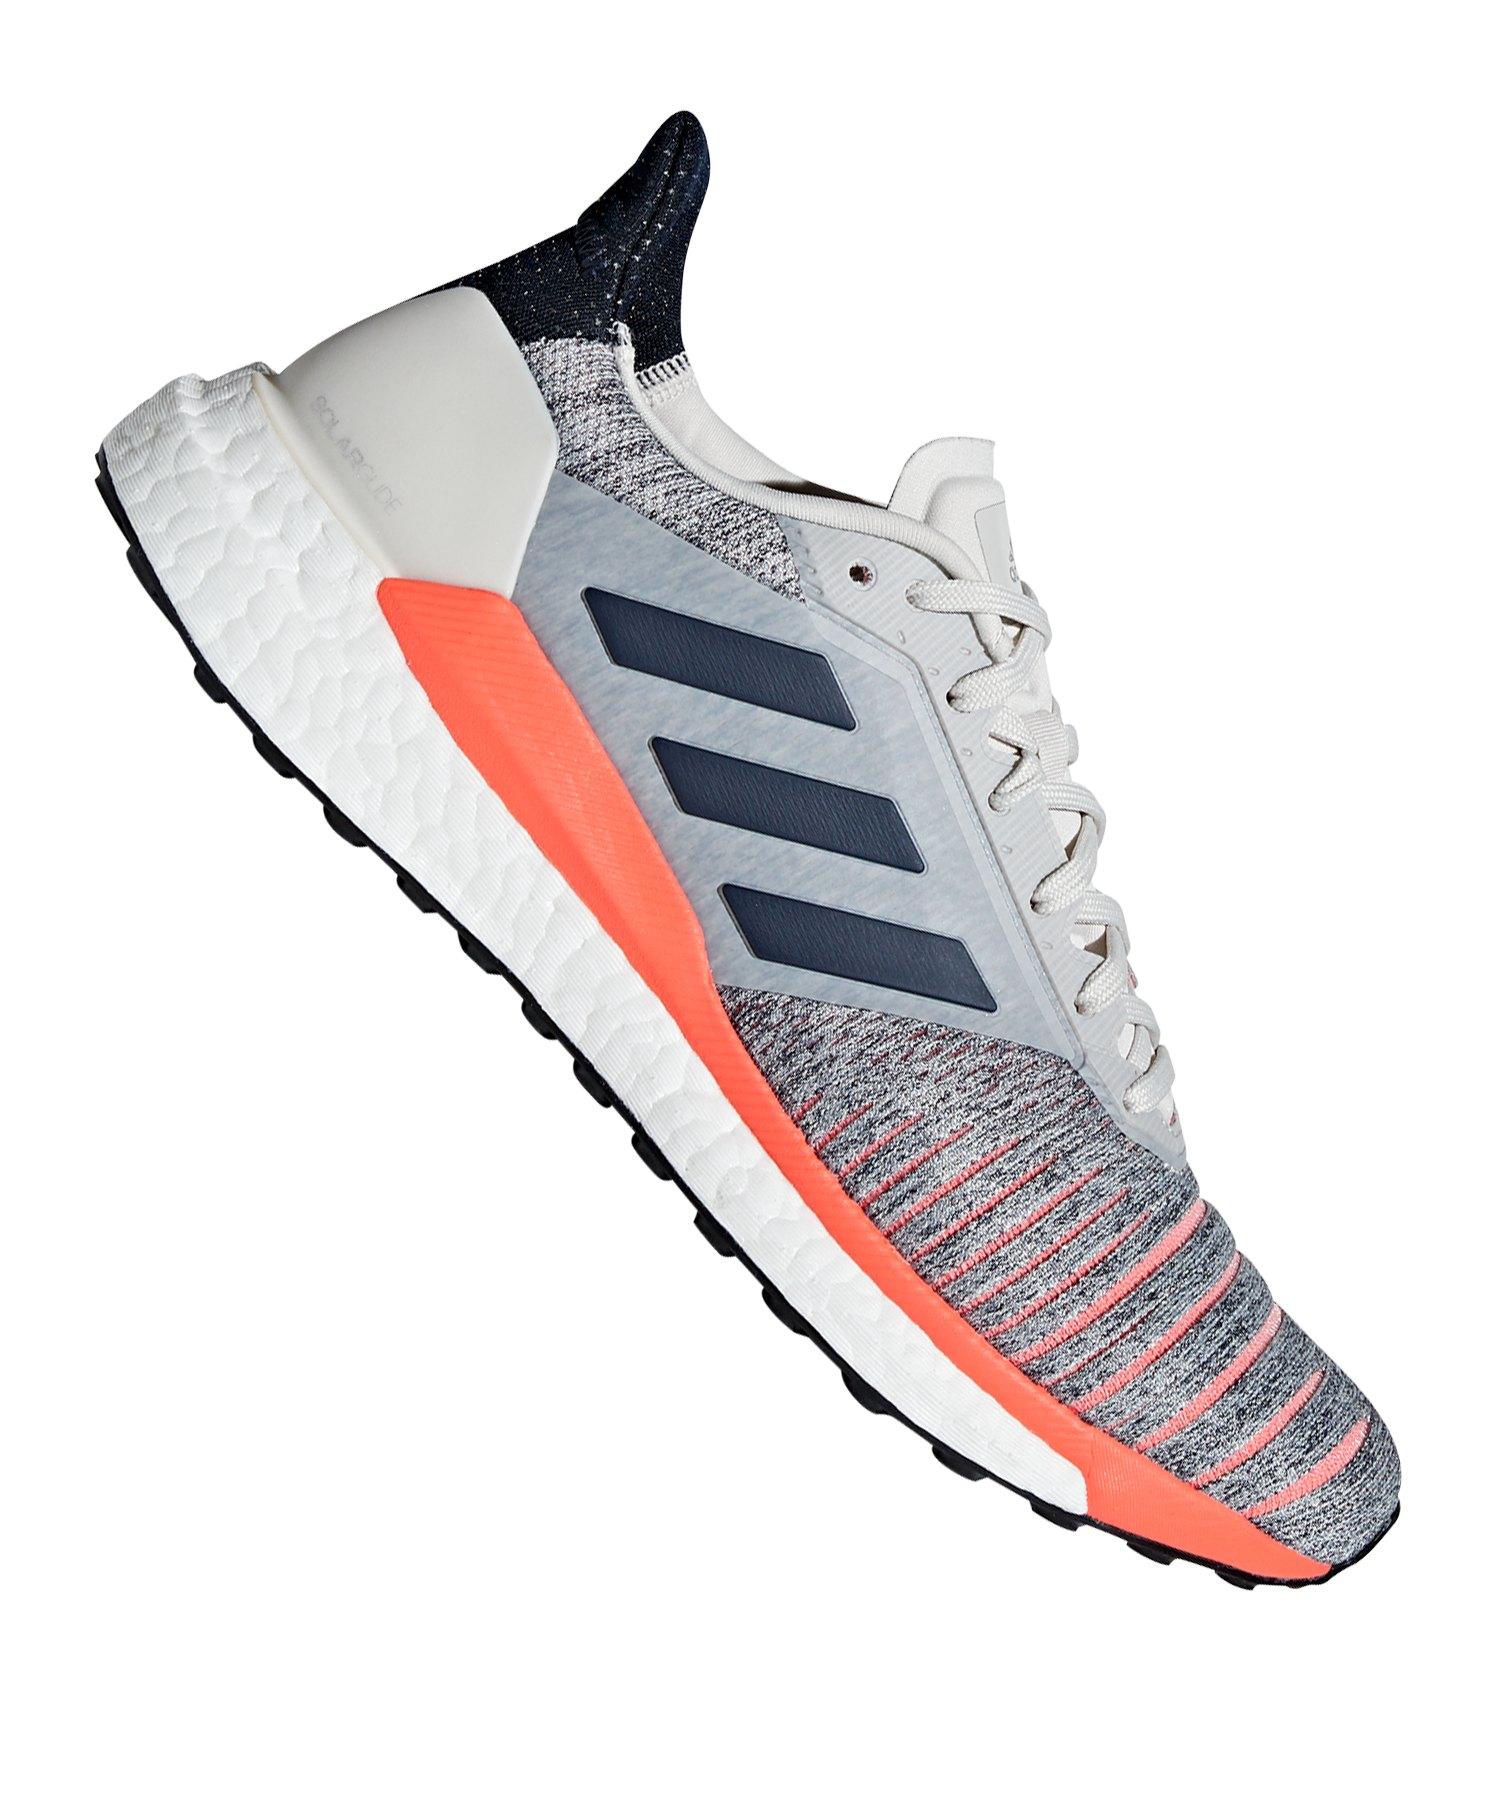 ADIDAS SOLAR GLIDE HERREN | Runningschuhe | Sportschuhe